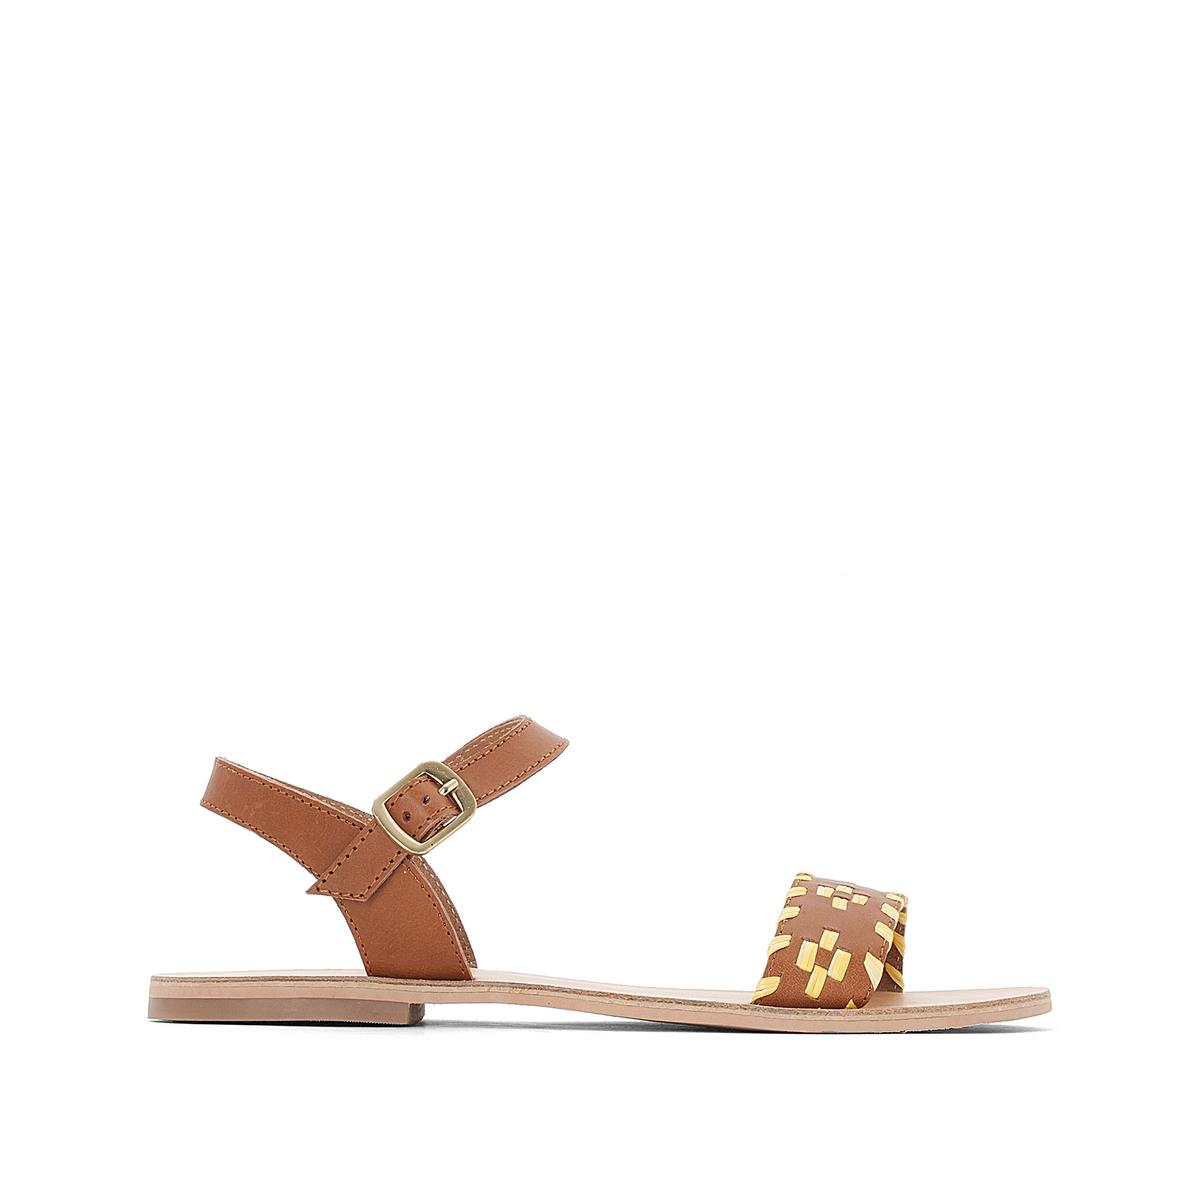 Босоножки кожаные на плоском каблуке босоножки кожаные с кисточками на плоском каблуке